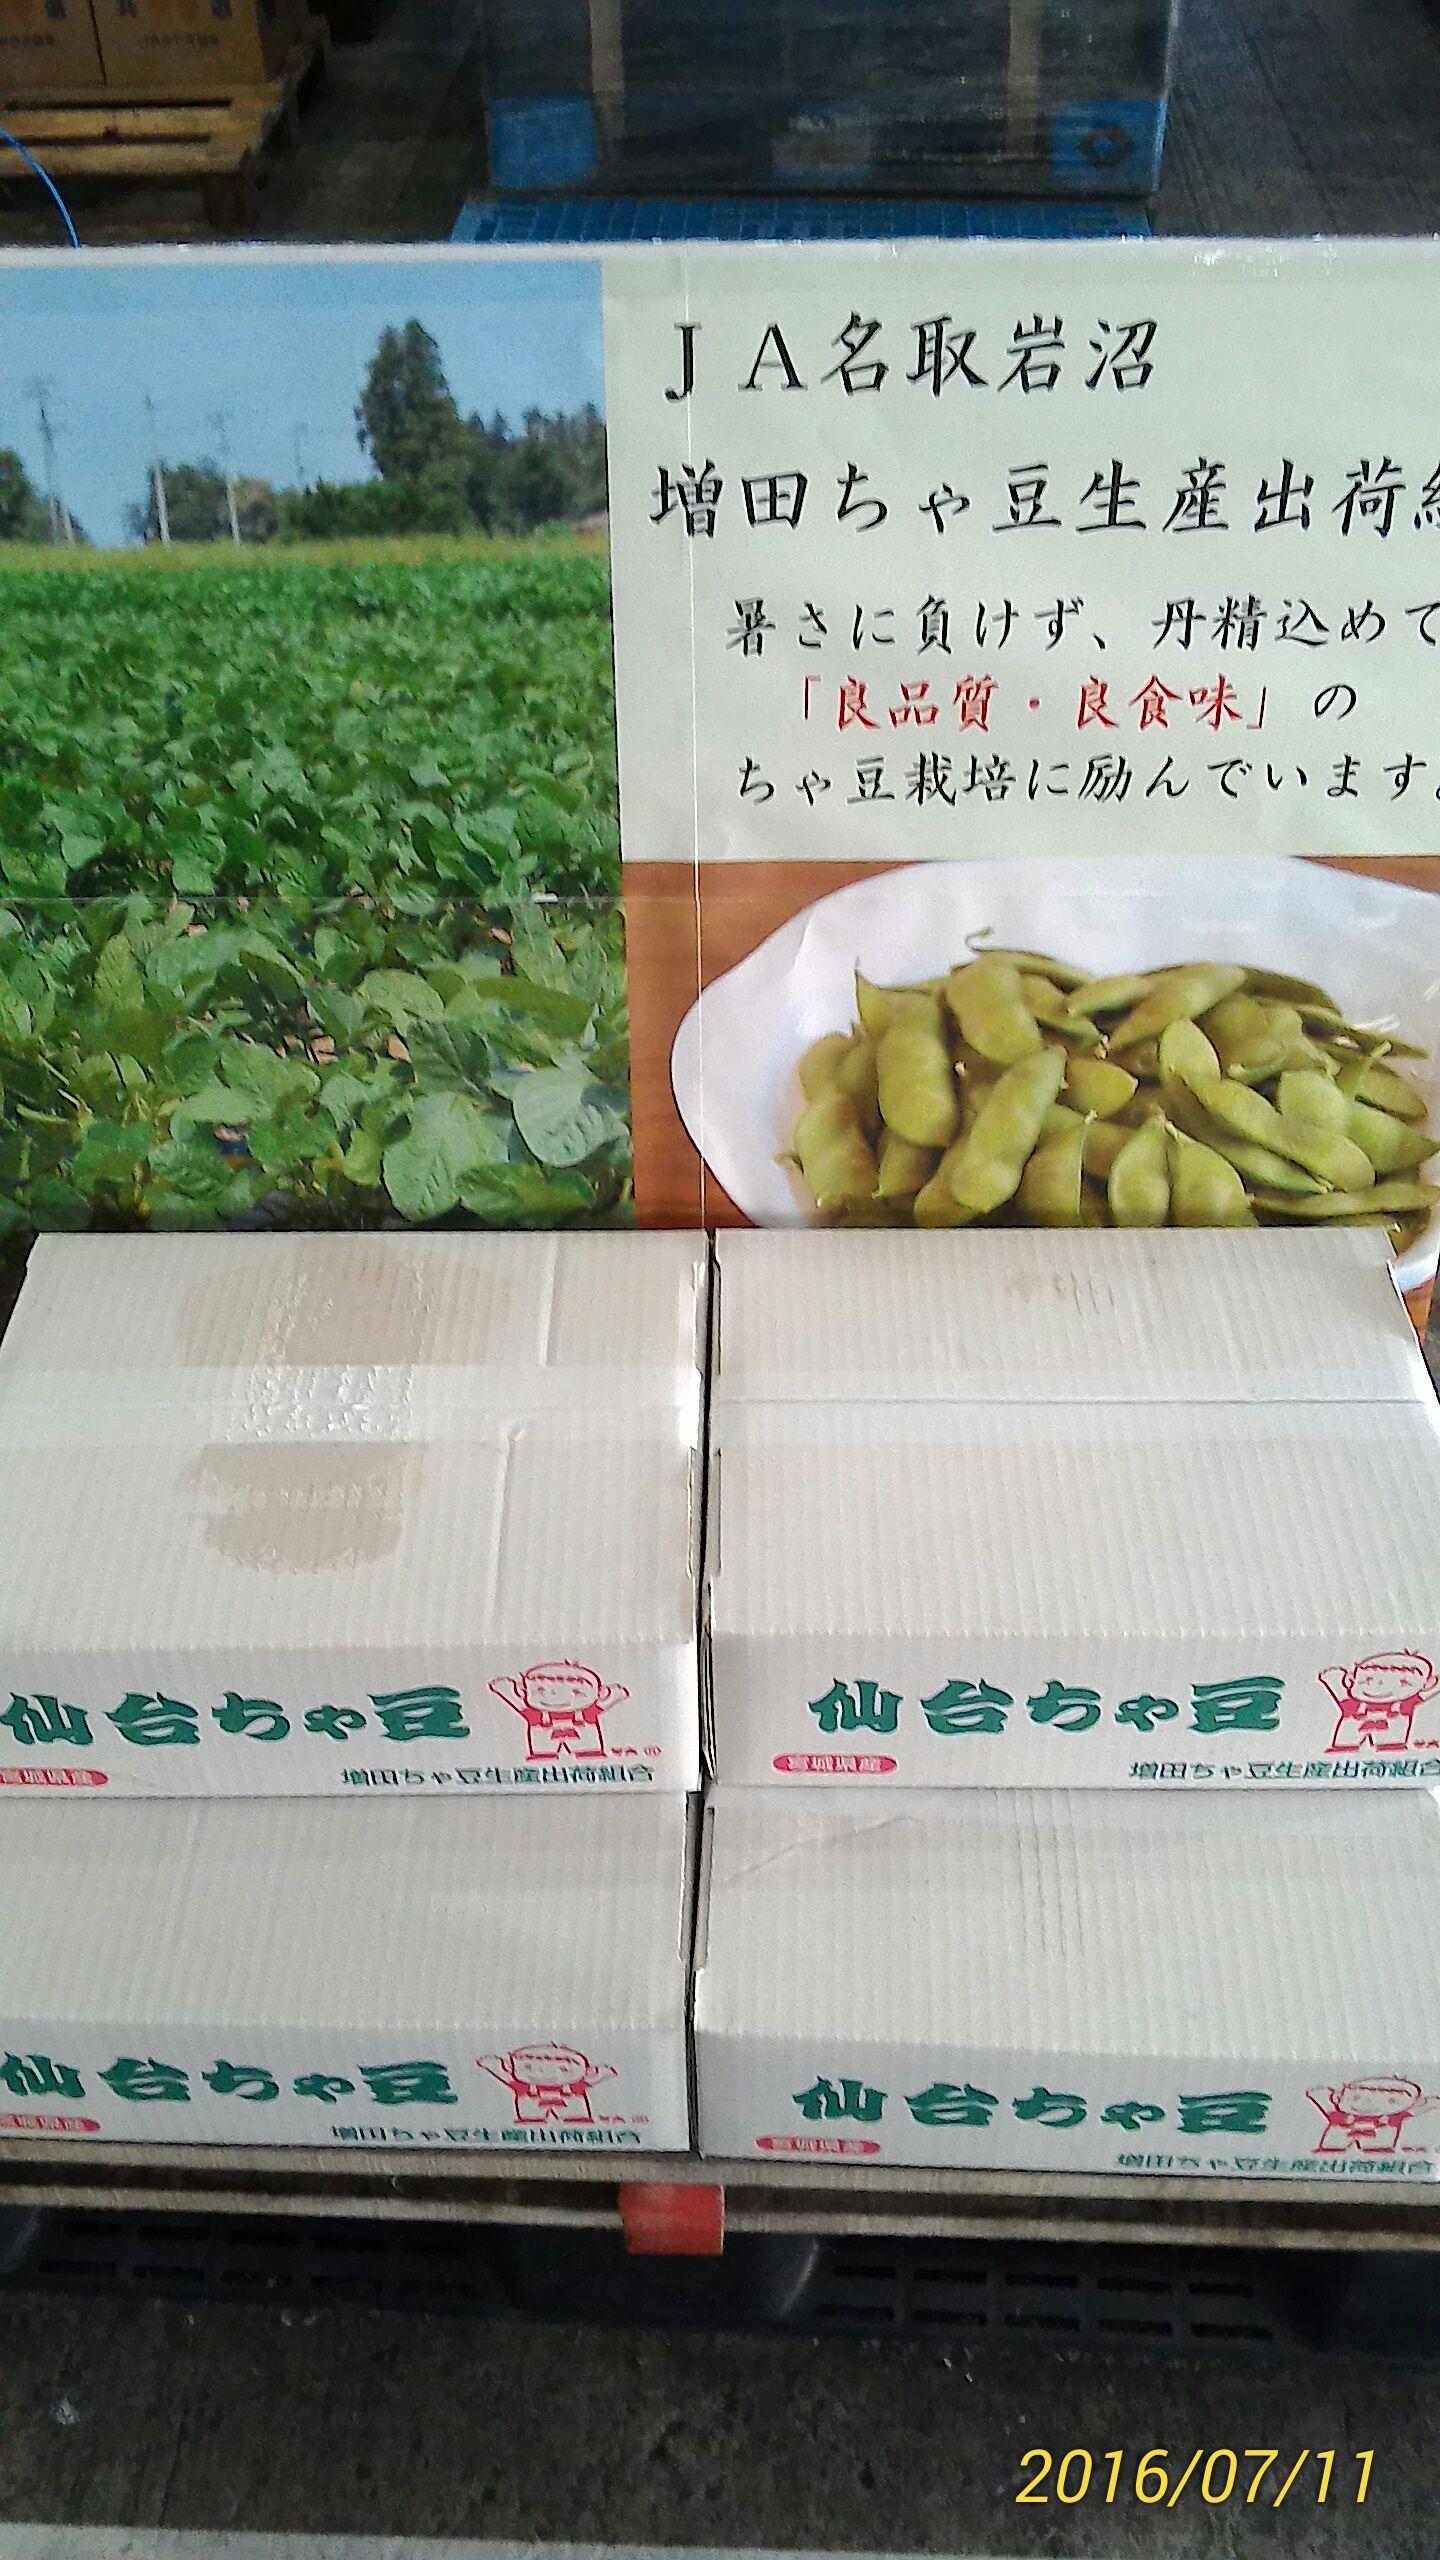 仙台市場茶豆宣伝会.jpg